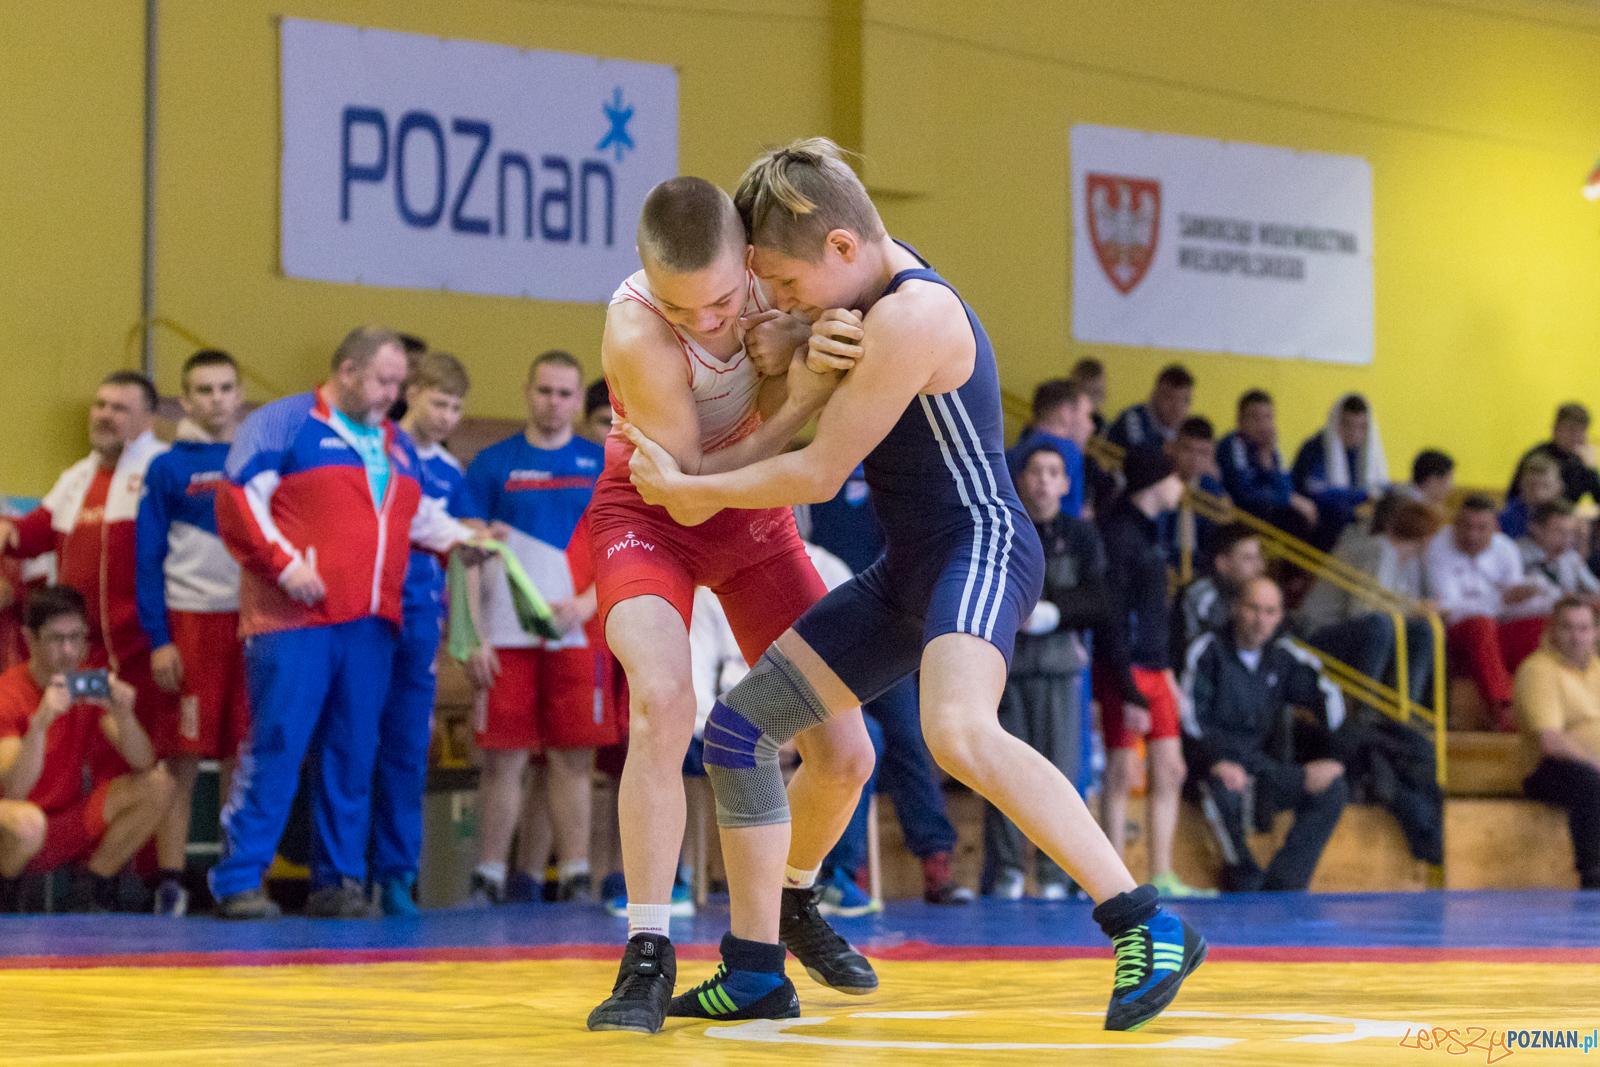 XXVII Międzynarodowy Turniej Zapaśniczy o Puchar Sobieskiego